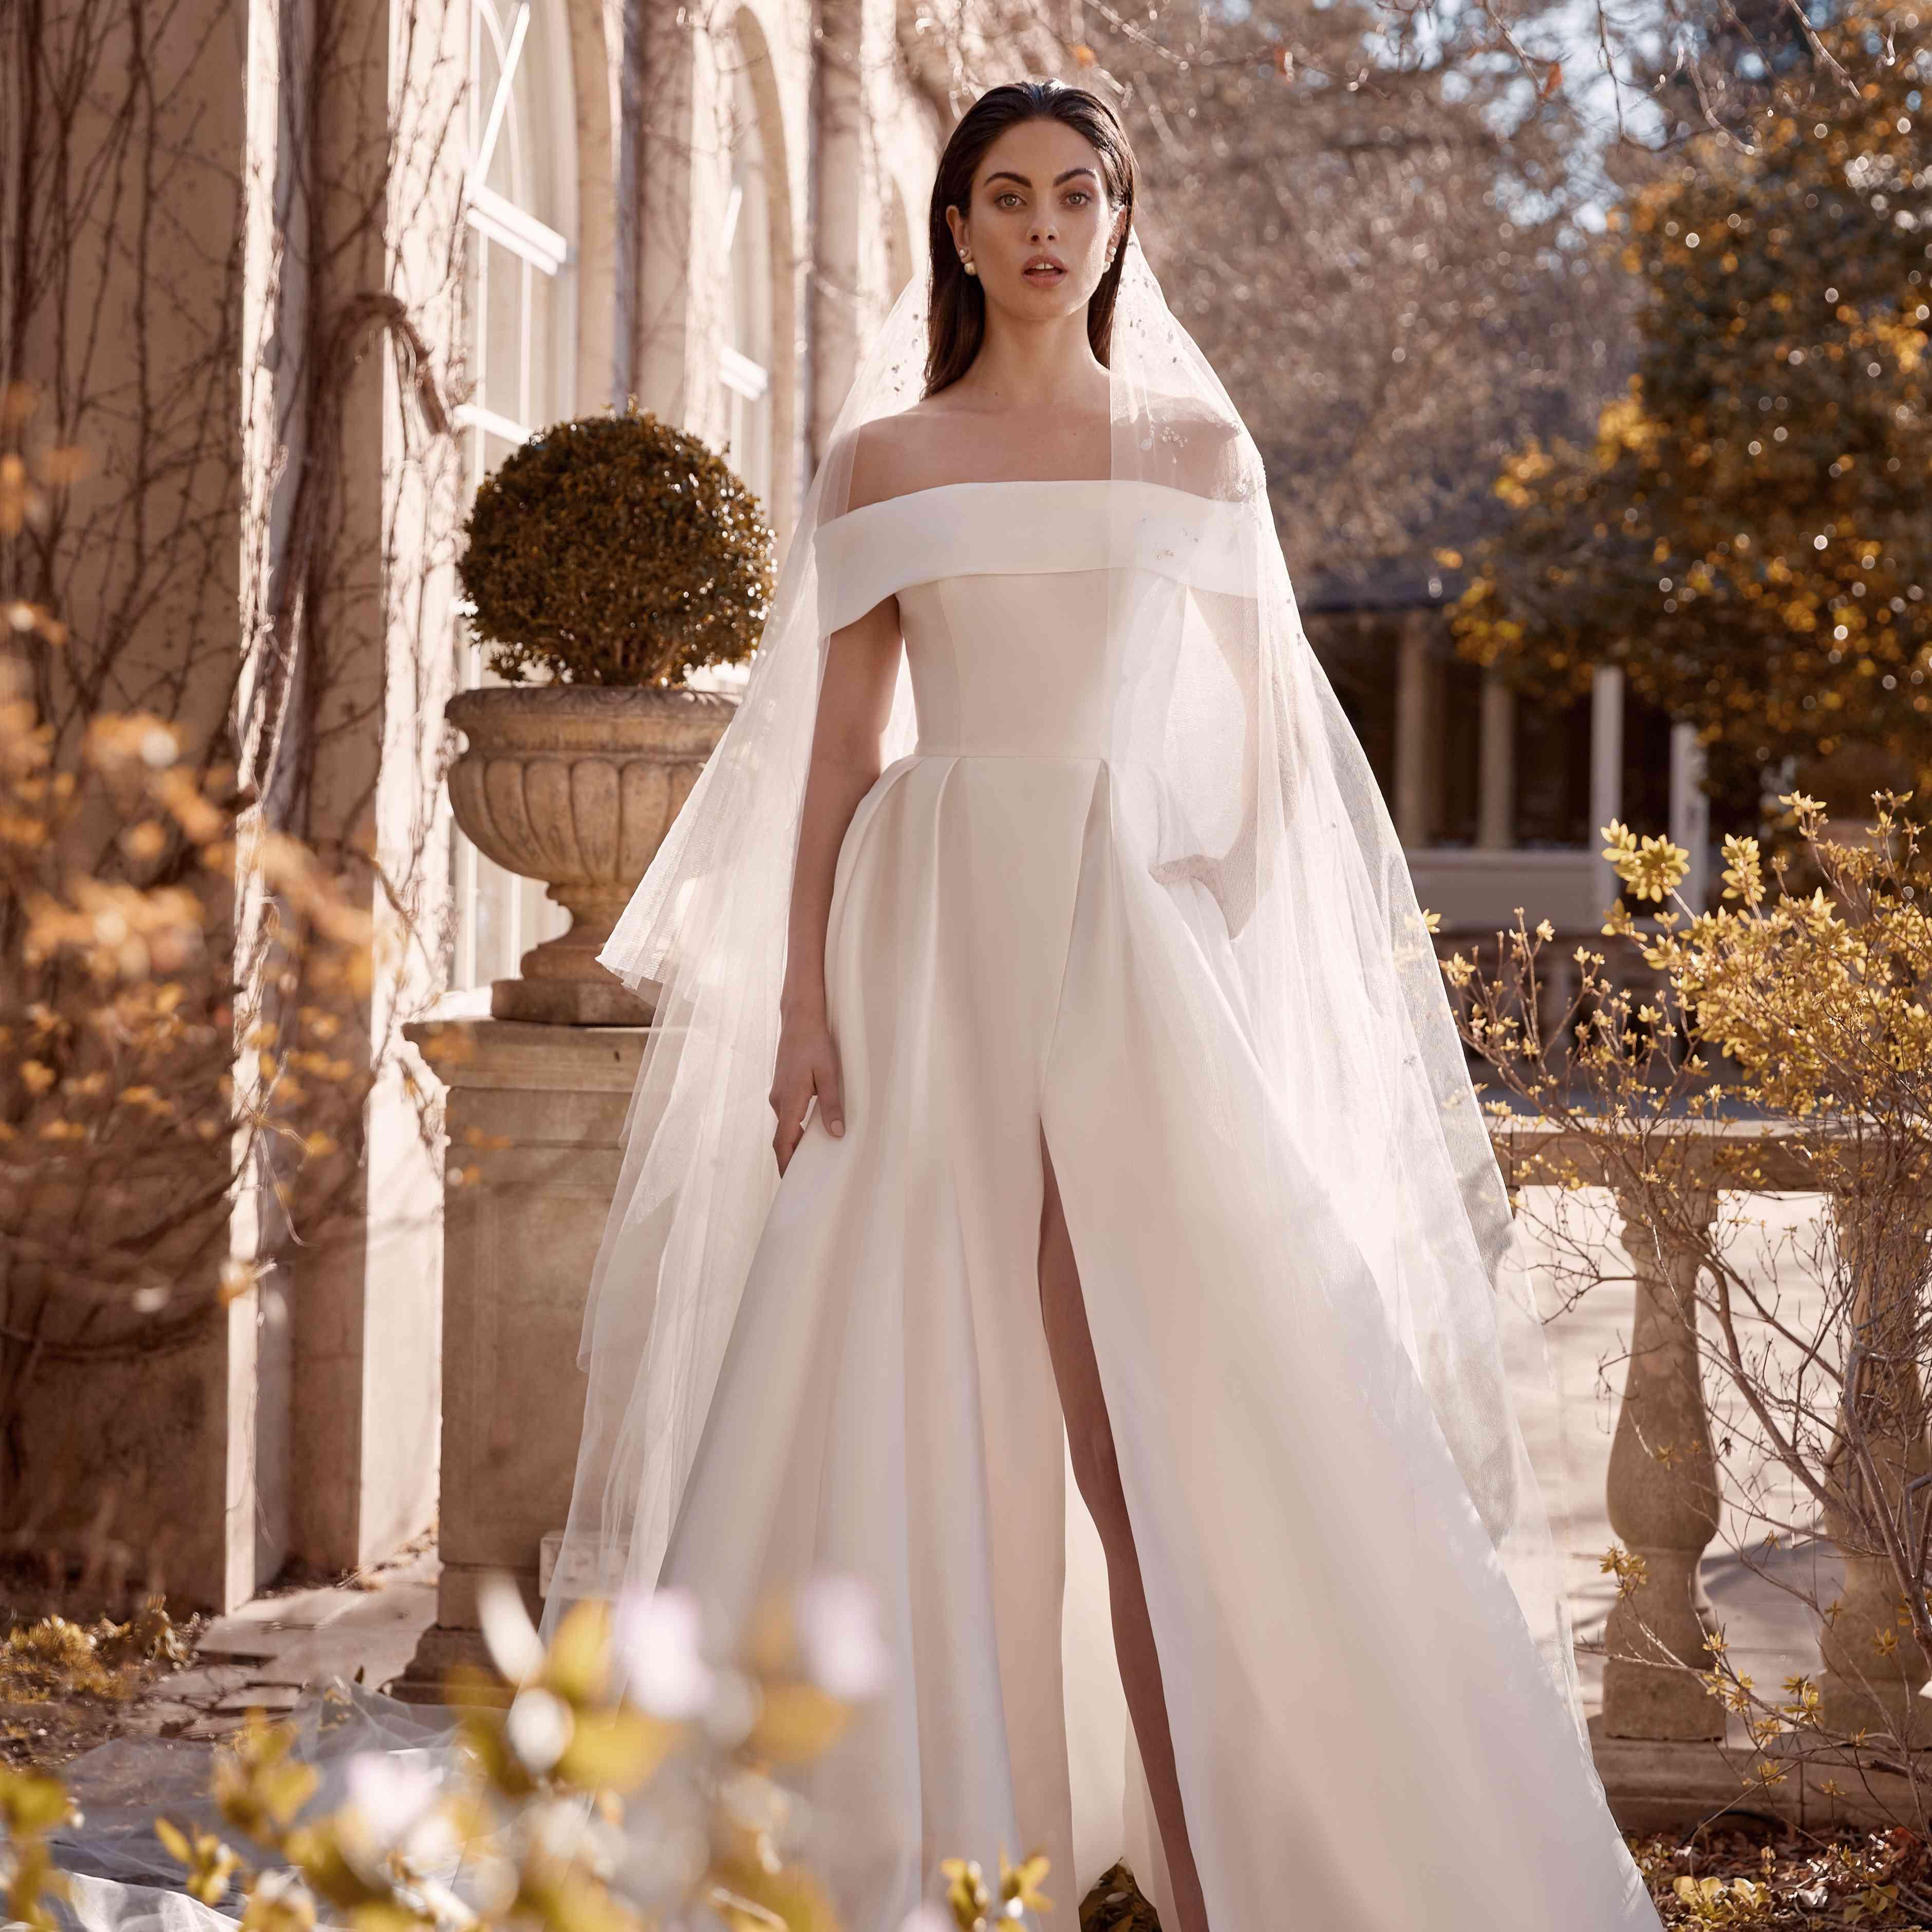 Keira off-the-shoulder wedding dress